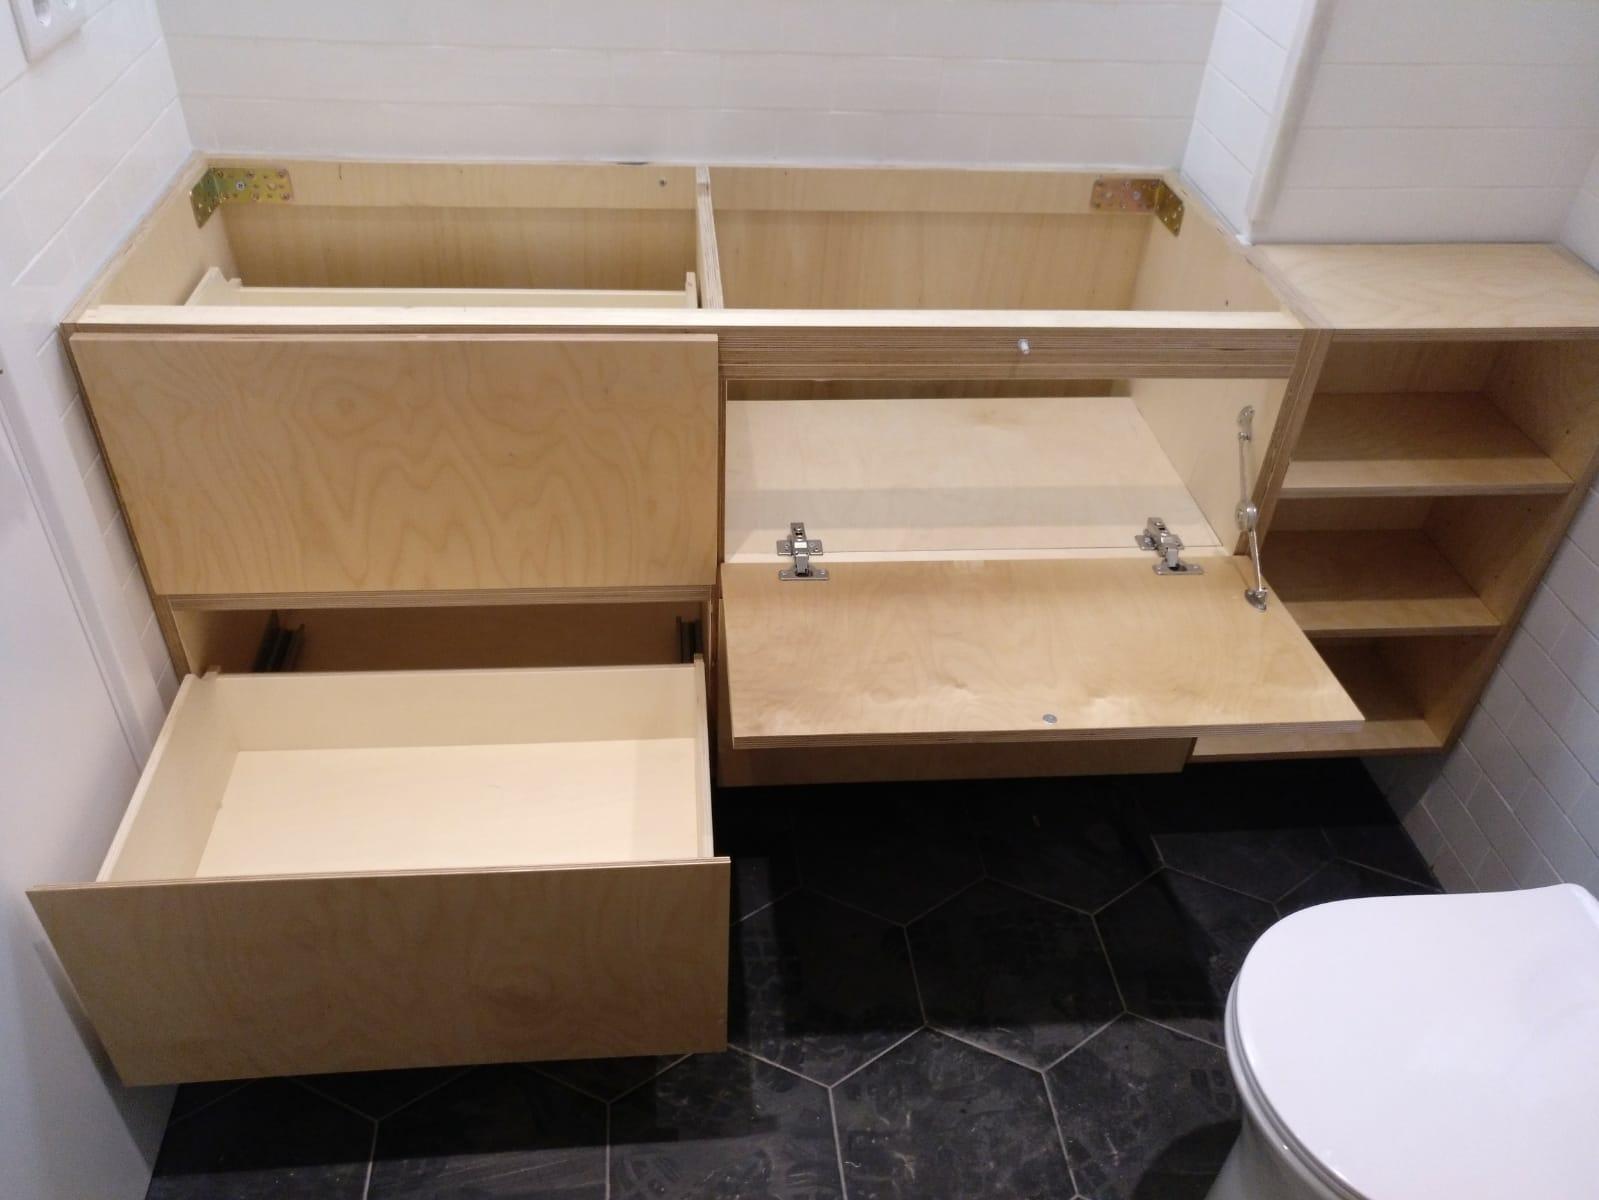 Móvel bétula para lavatório de casa de banho - Meuble sous-vasque, meuble lavabo en bouleau pour salle de bain